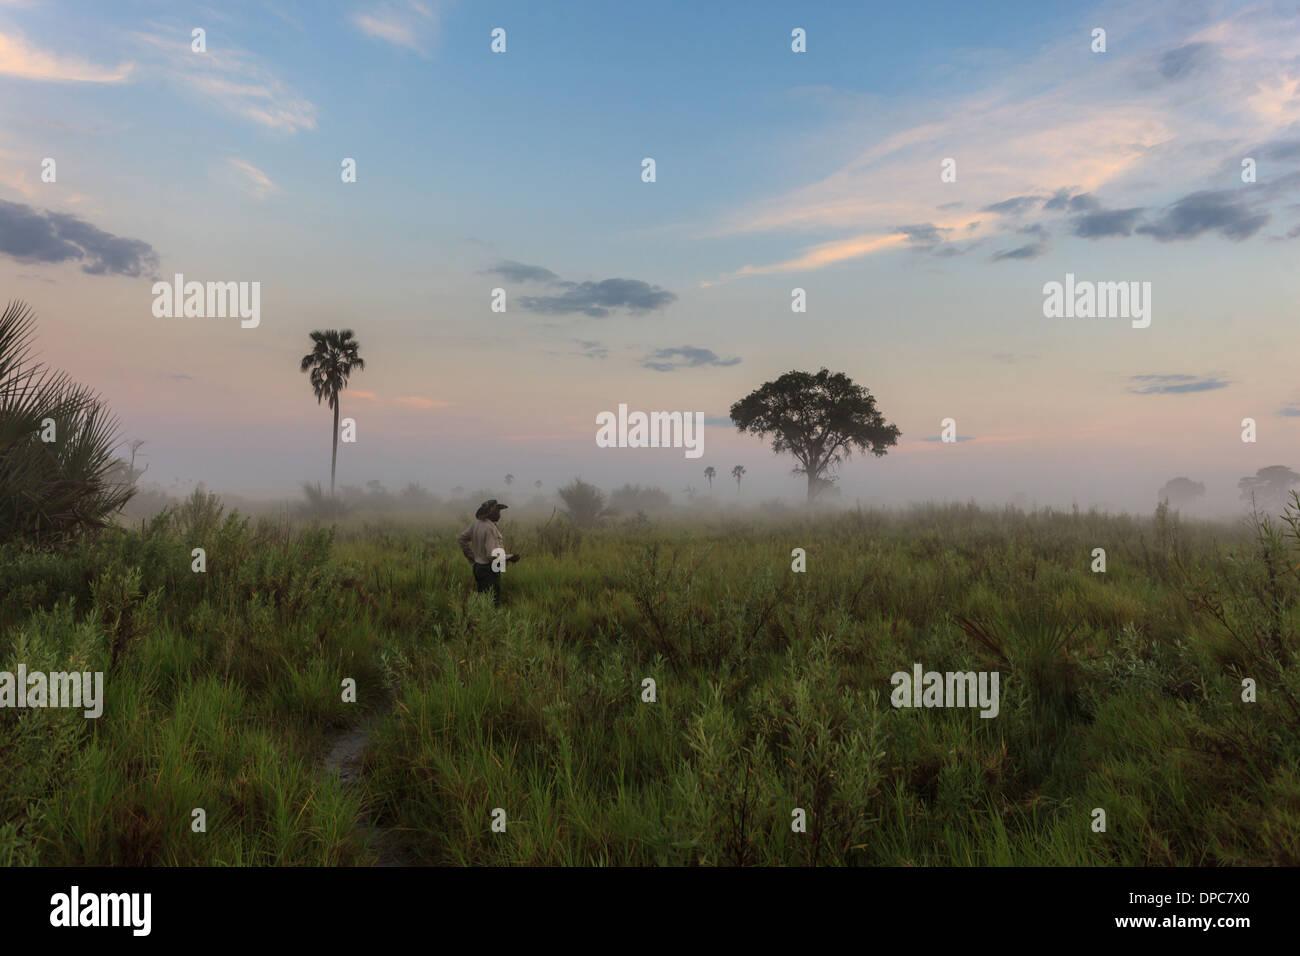 Guía del safari estudios humedales para señales de vida silvestre para mostrar a los turistas, Botswana, África Imagen De Stock